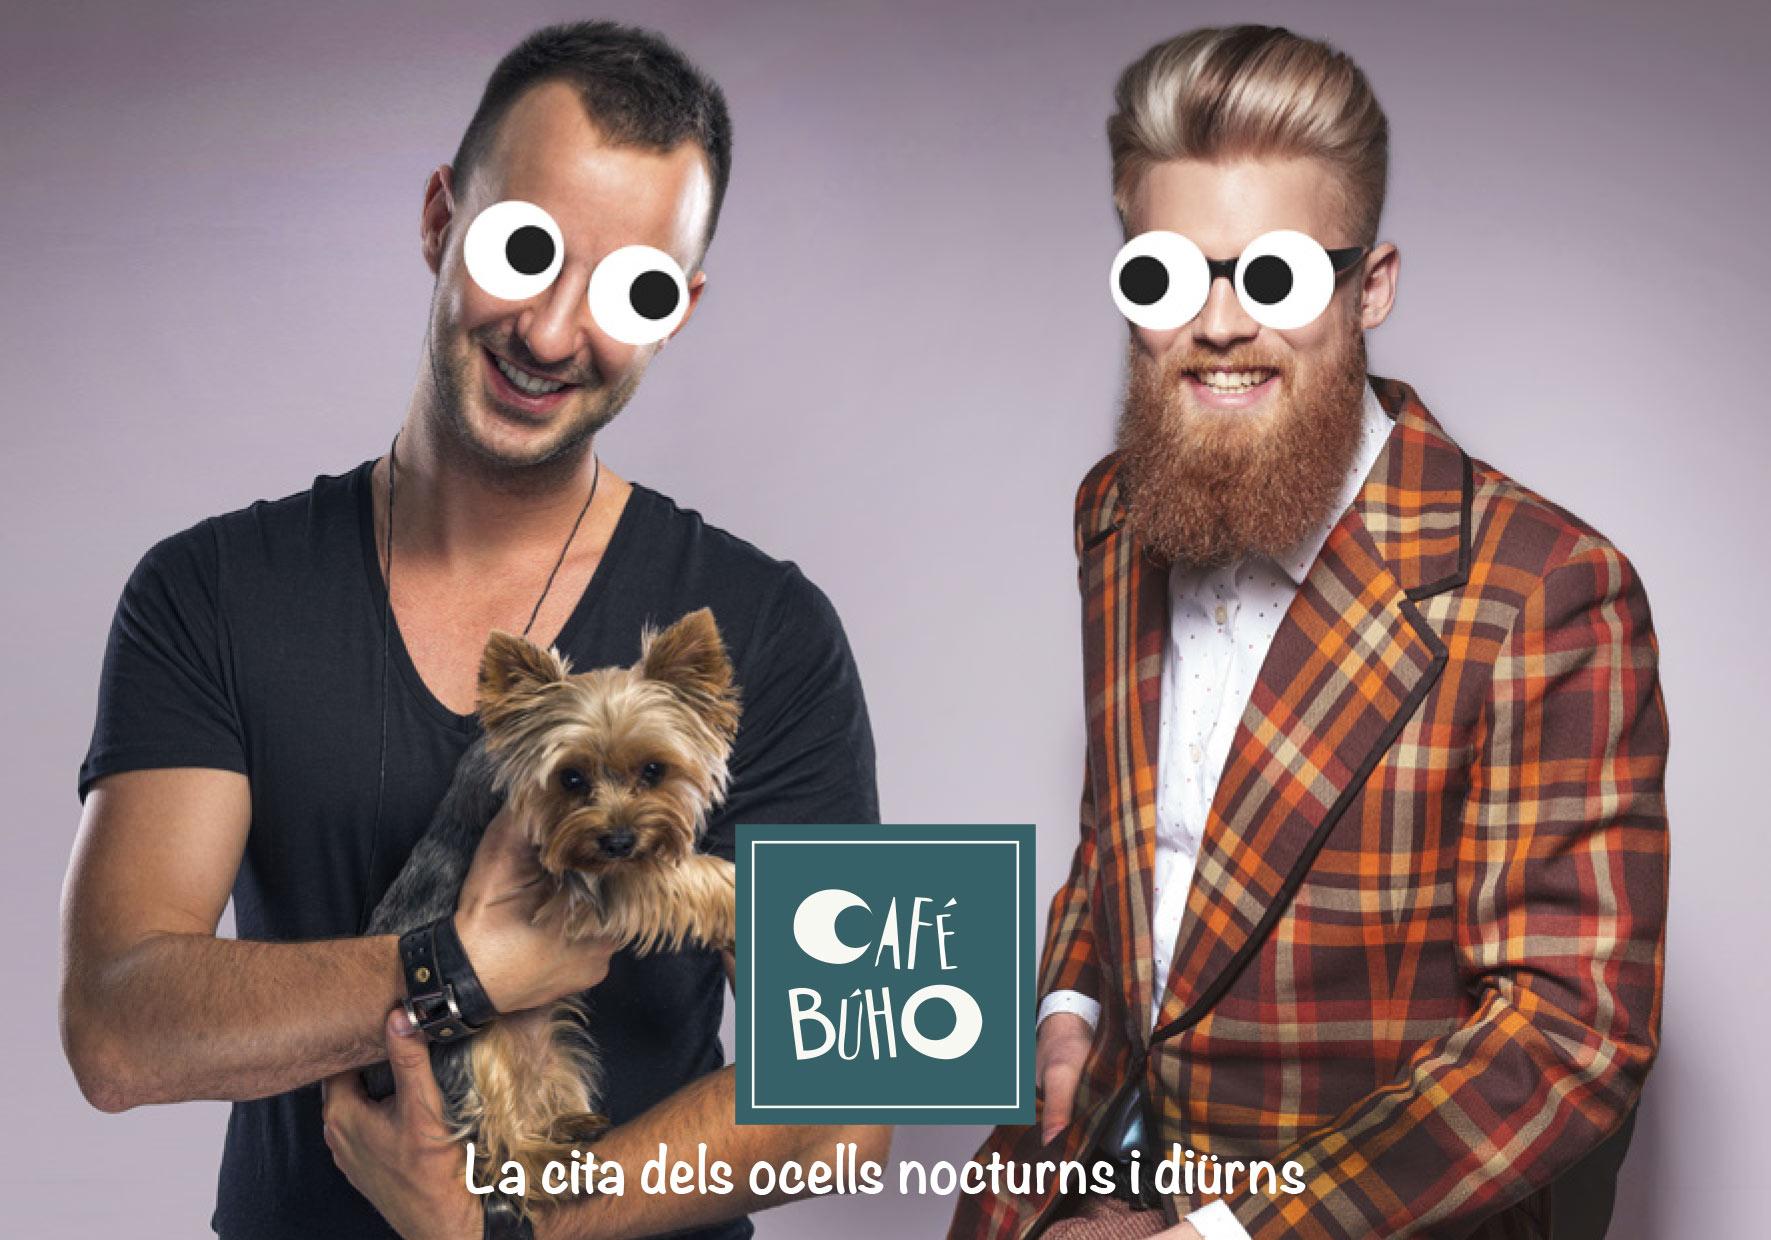 Place des Victoires Communication - Café Buho - Publicité - visuel hommes